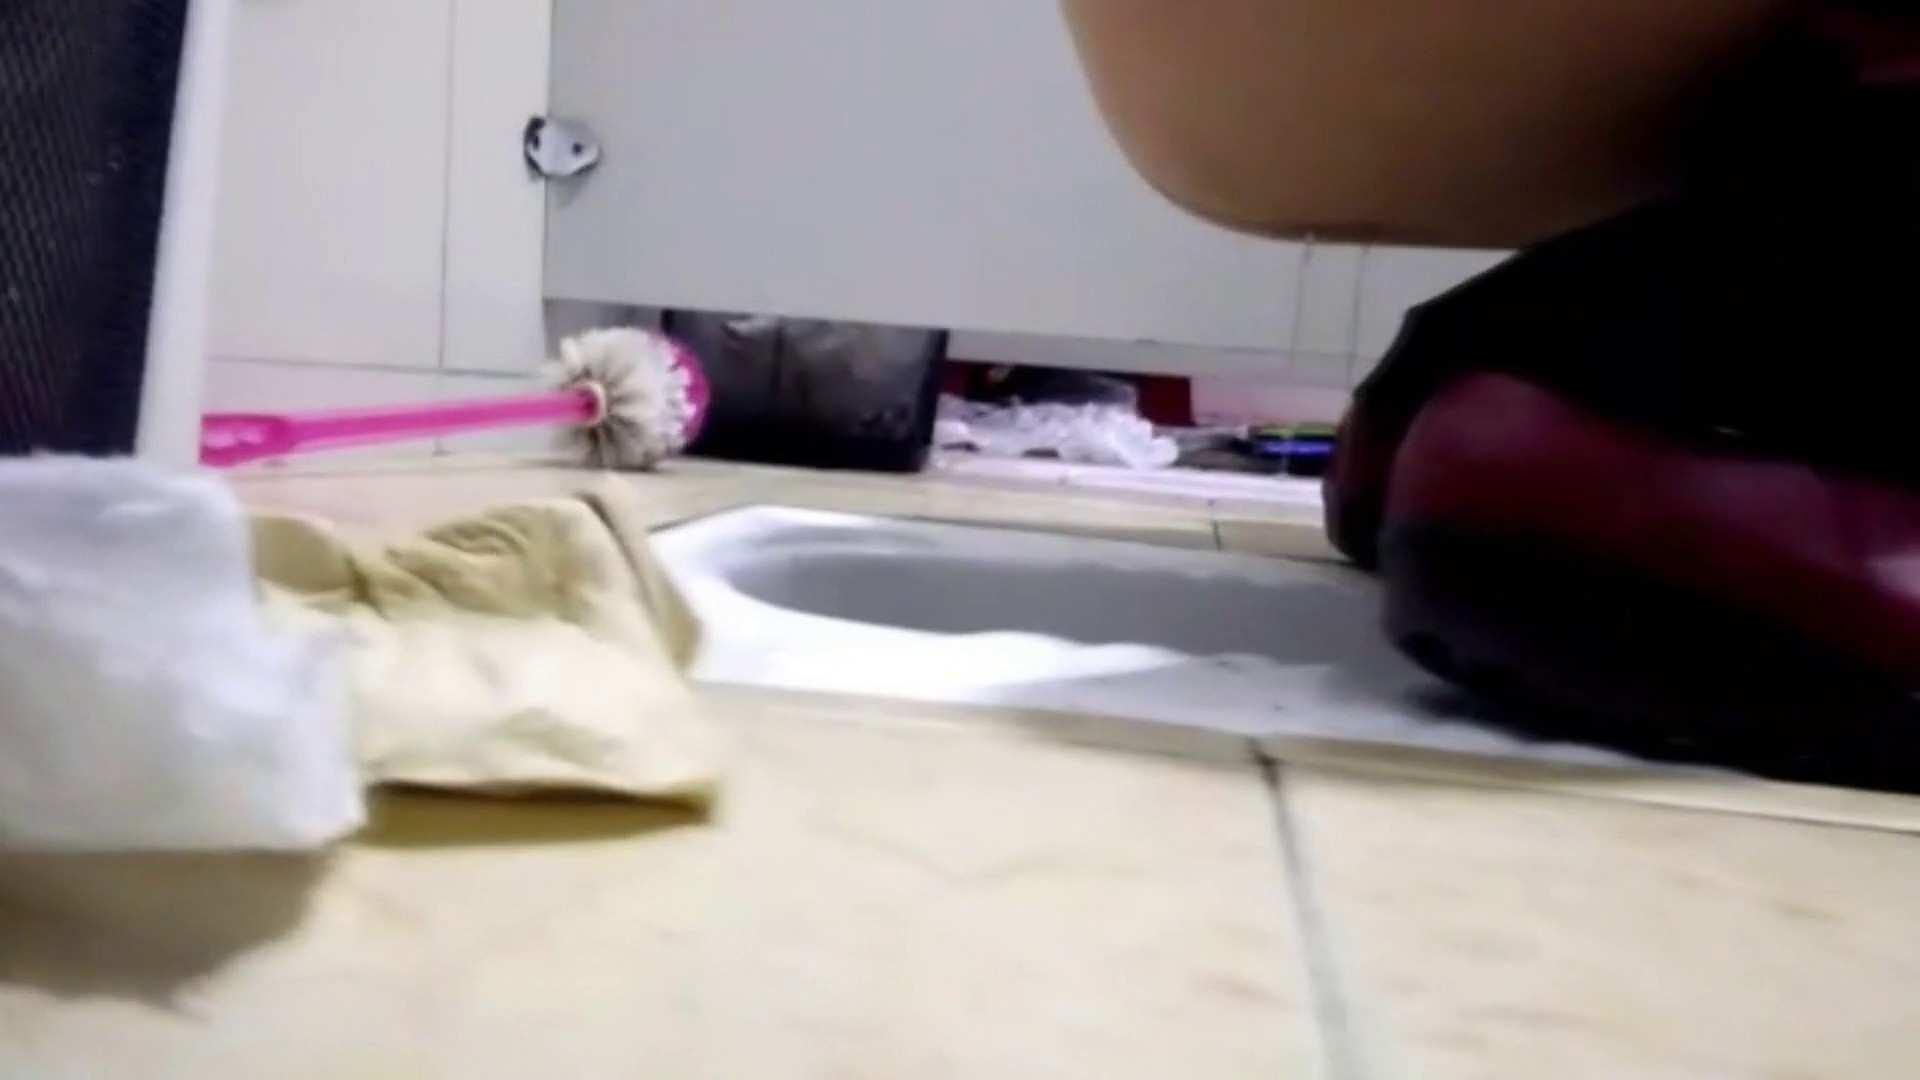 芸術大学ガチ潜入盗撮 JD盗撮 美女の洗面所の秘密 Vol.105 エッチすぎる美女   エッチすぎるOL達  83連発 7